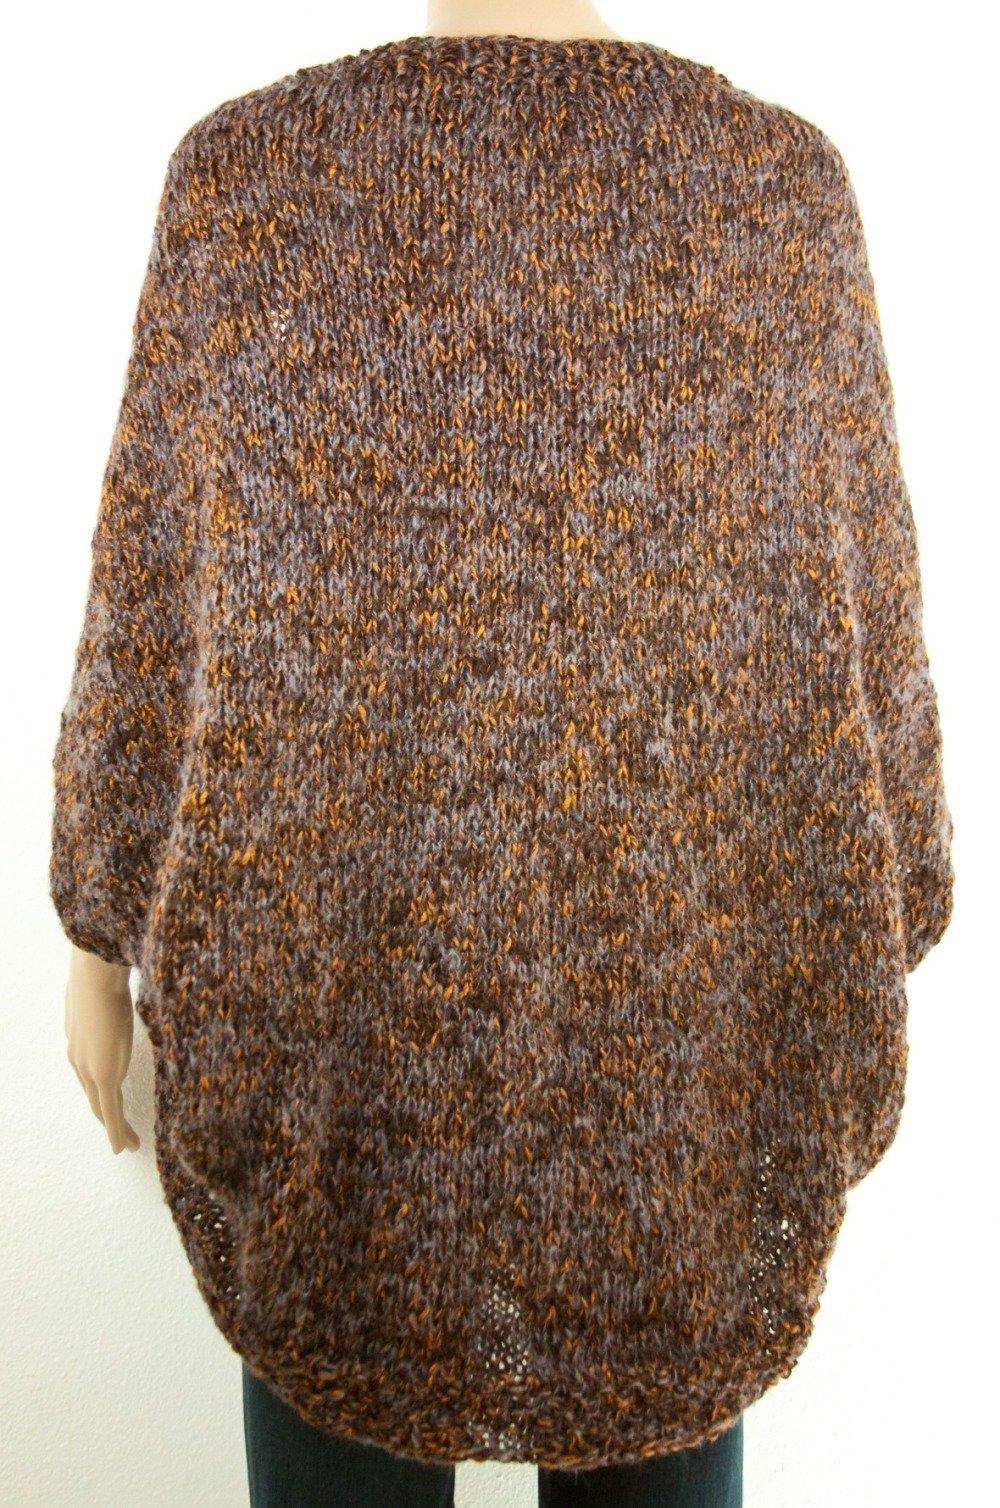 Cardigan SHRUG Boho chic Oversize Tricot à la main Laine Mohair Colorant mélange multicolore marron gris rouille